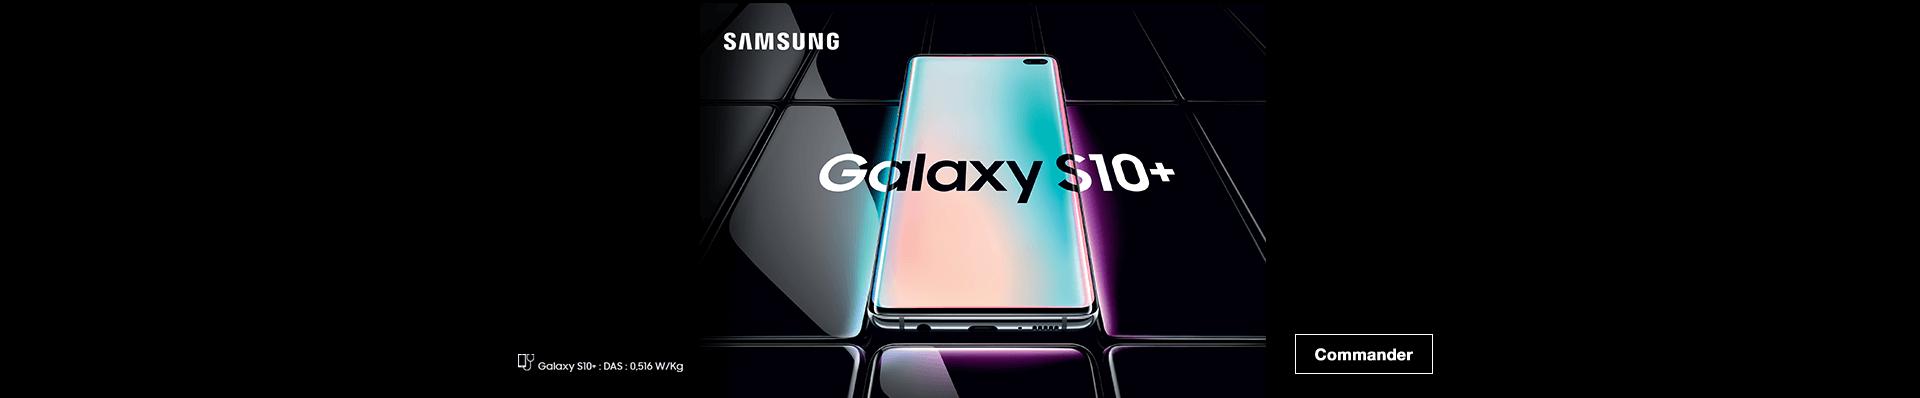 Samsung Galaxy S10 commander